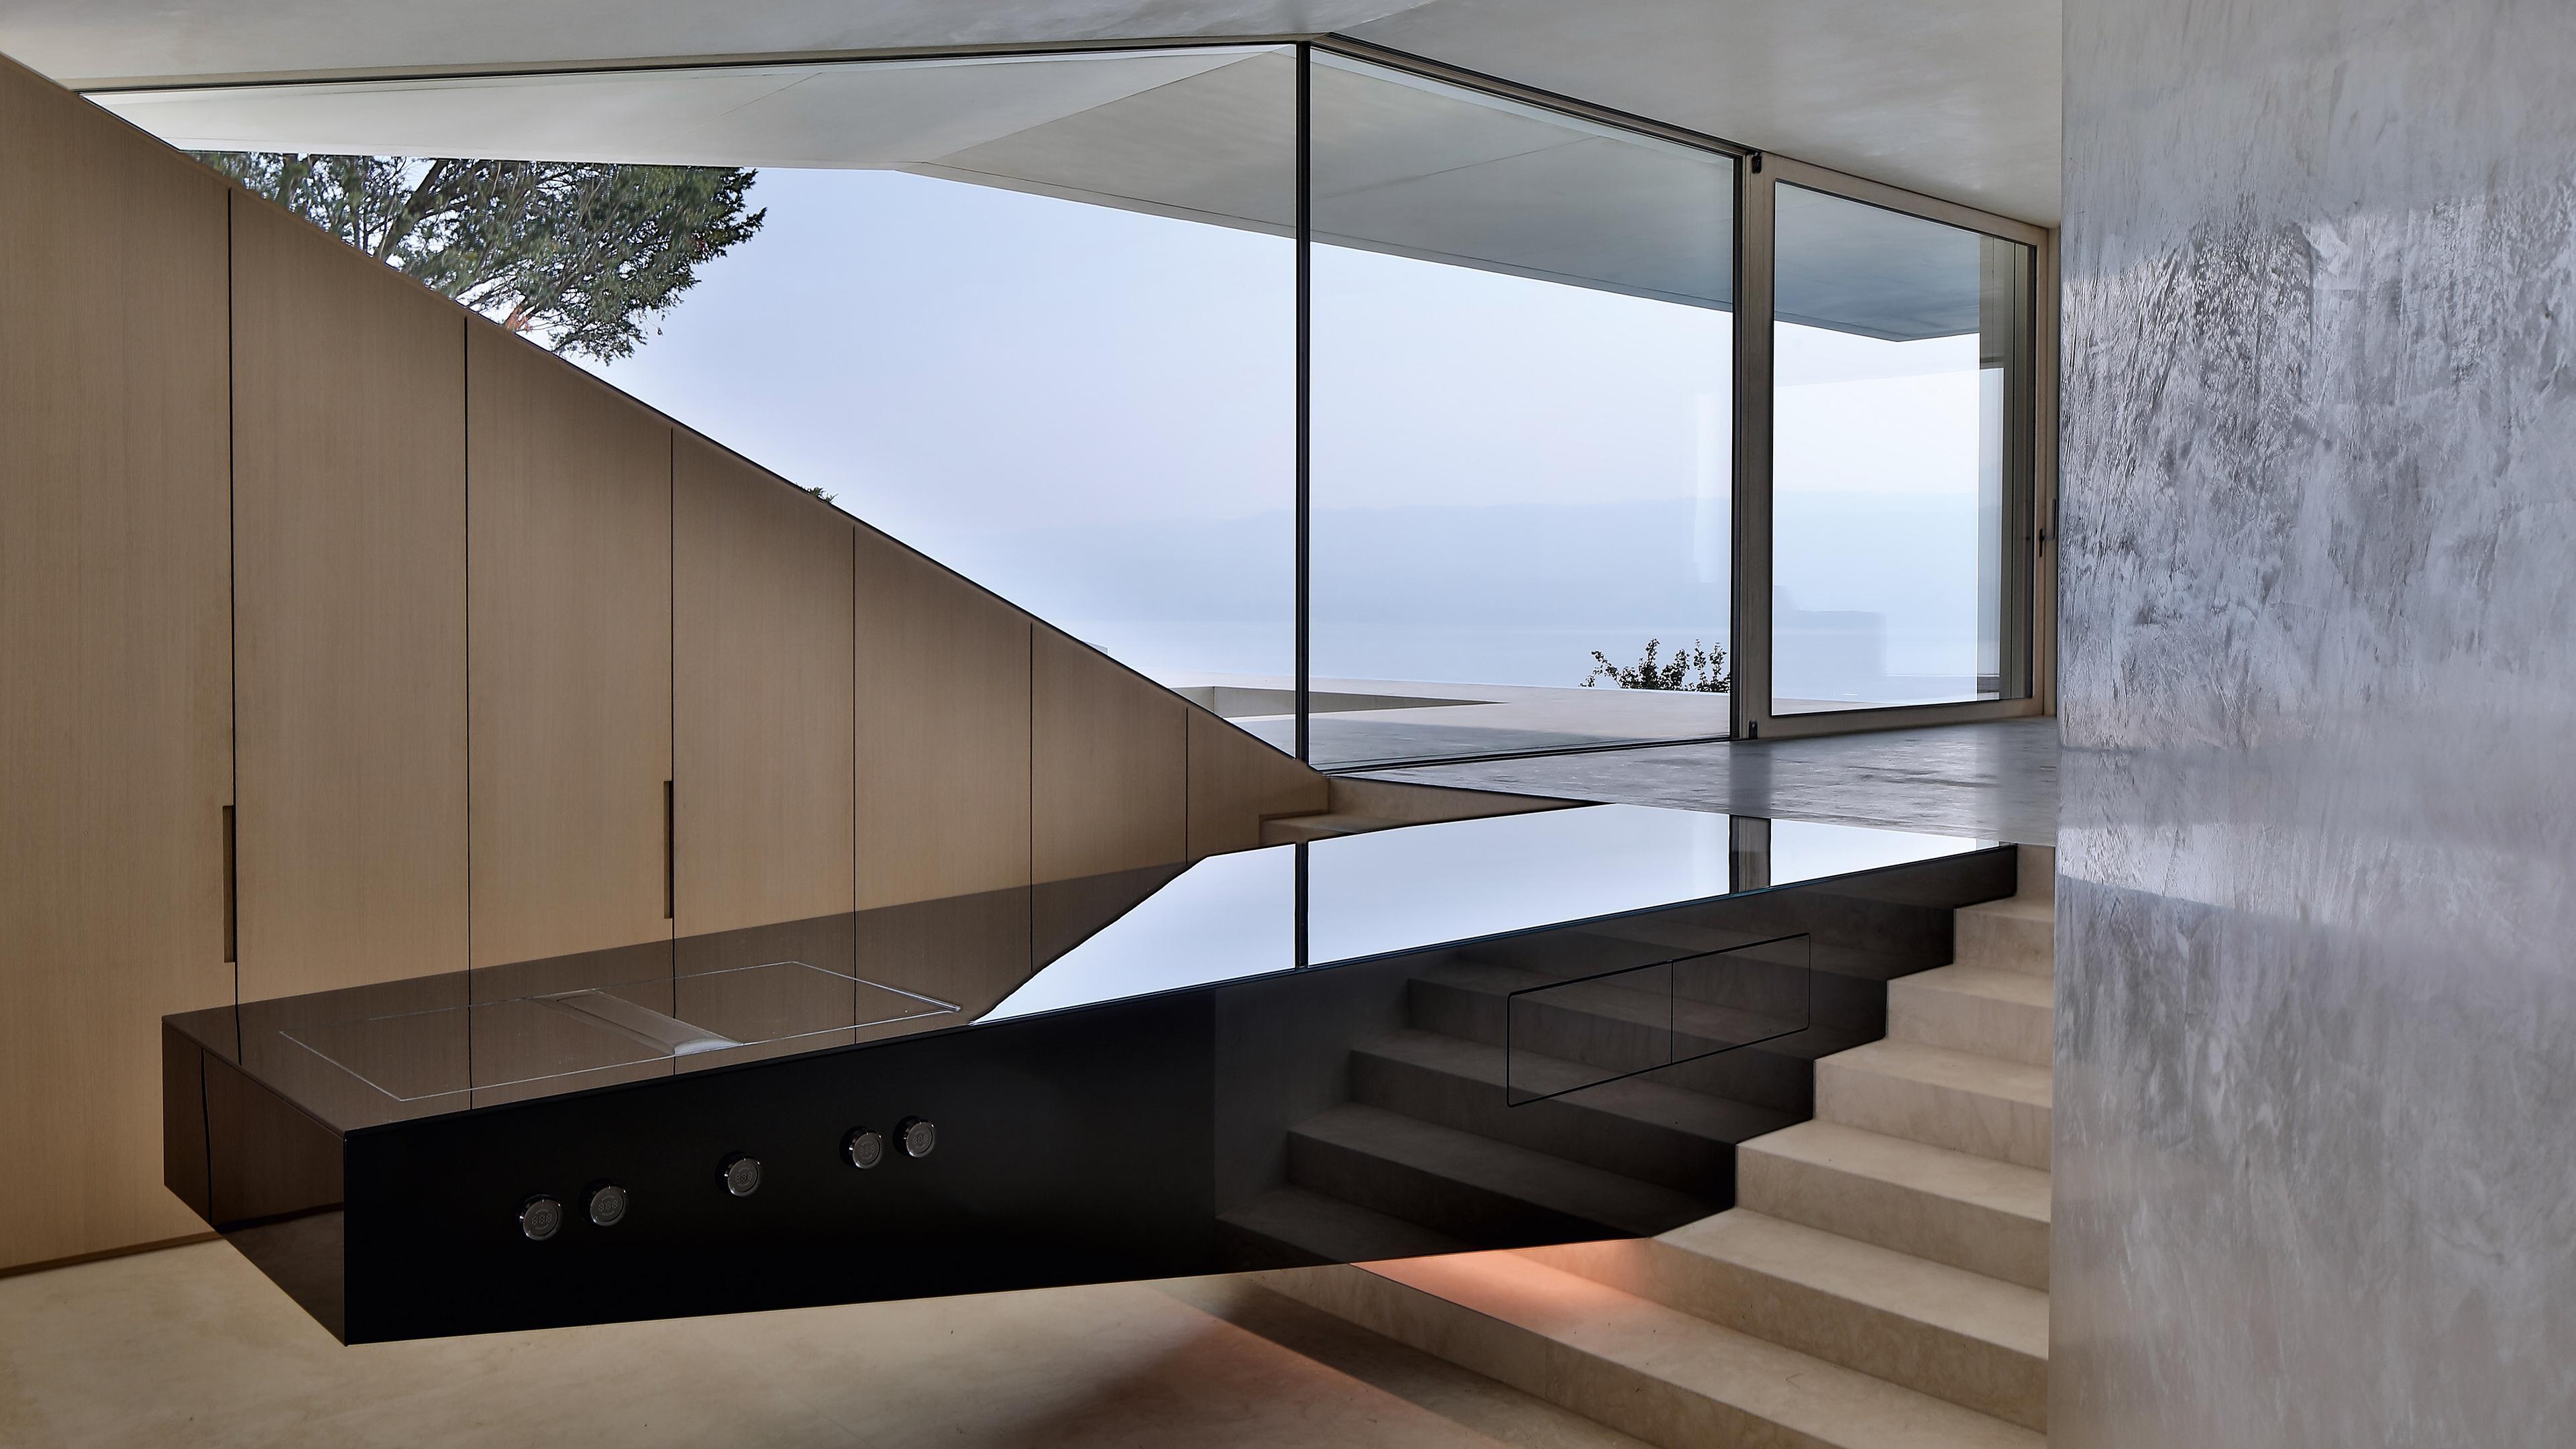 Bora professional 2 0 all black edition pura eleganza for Casa moderna zurigo